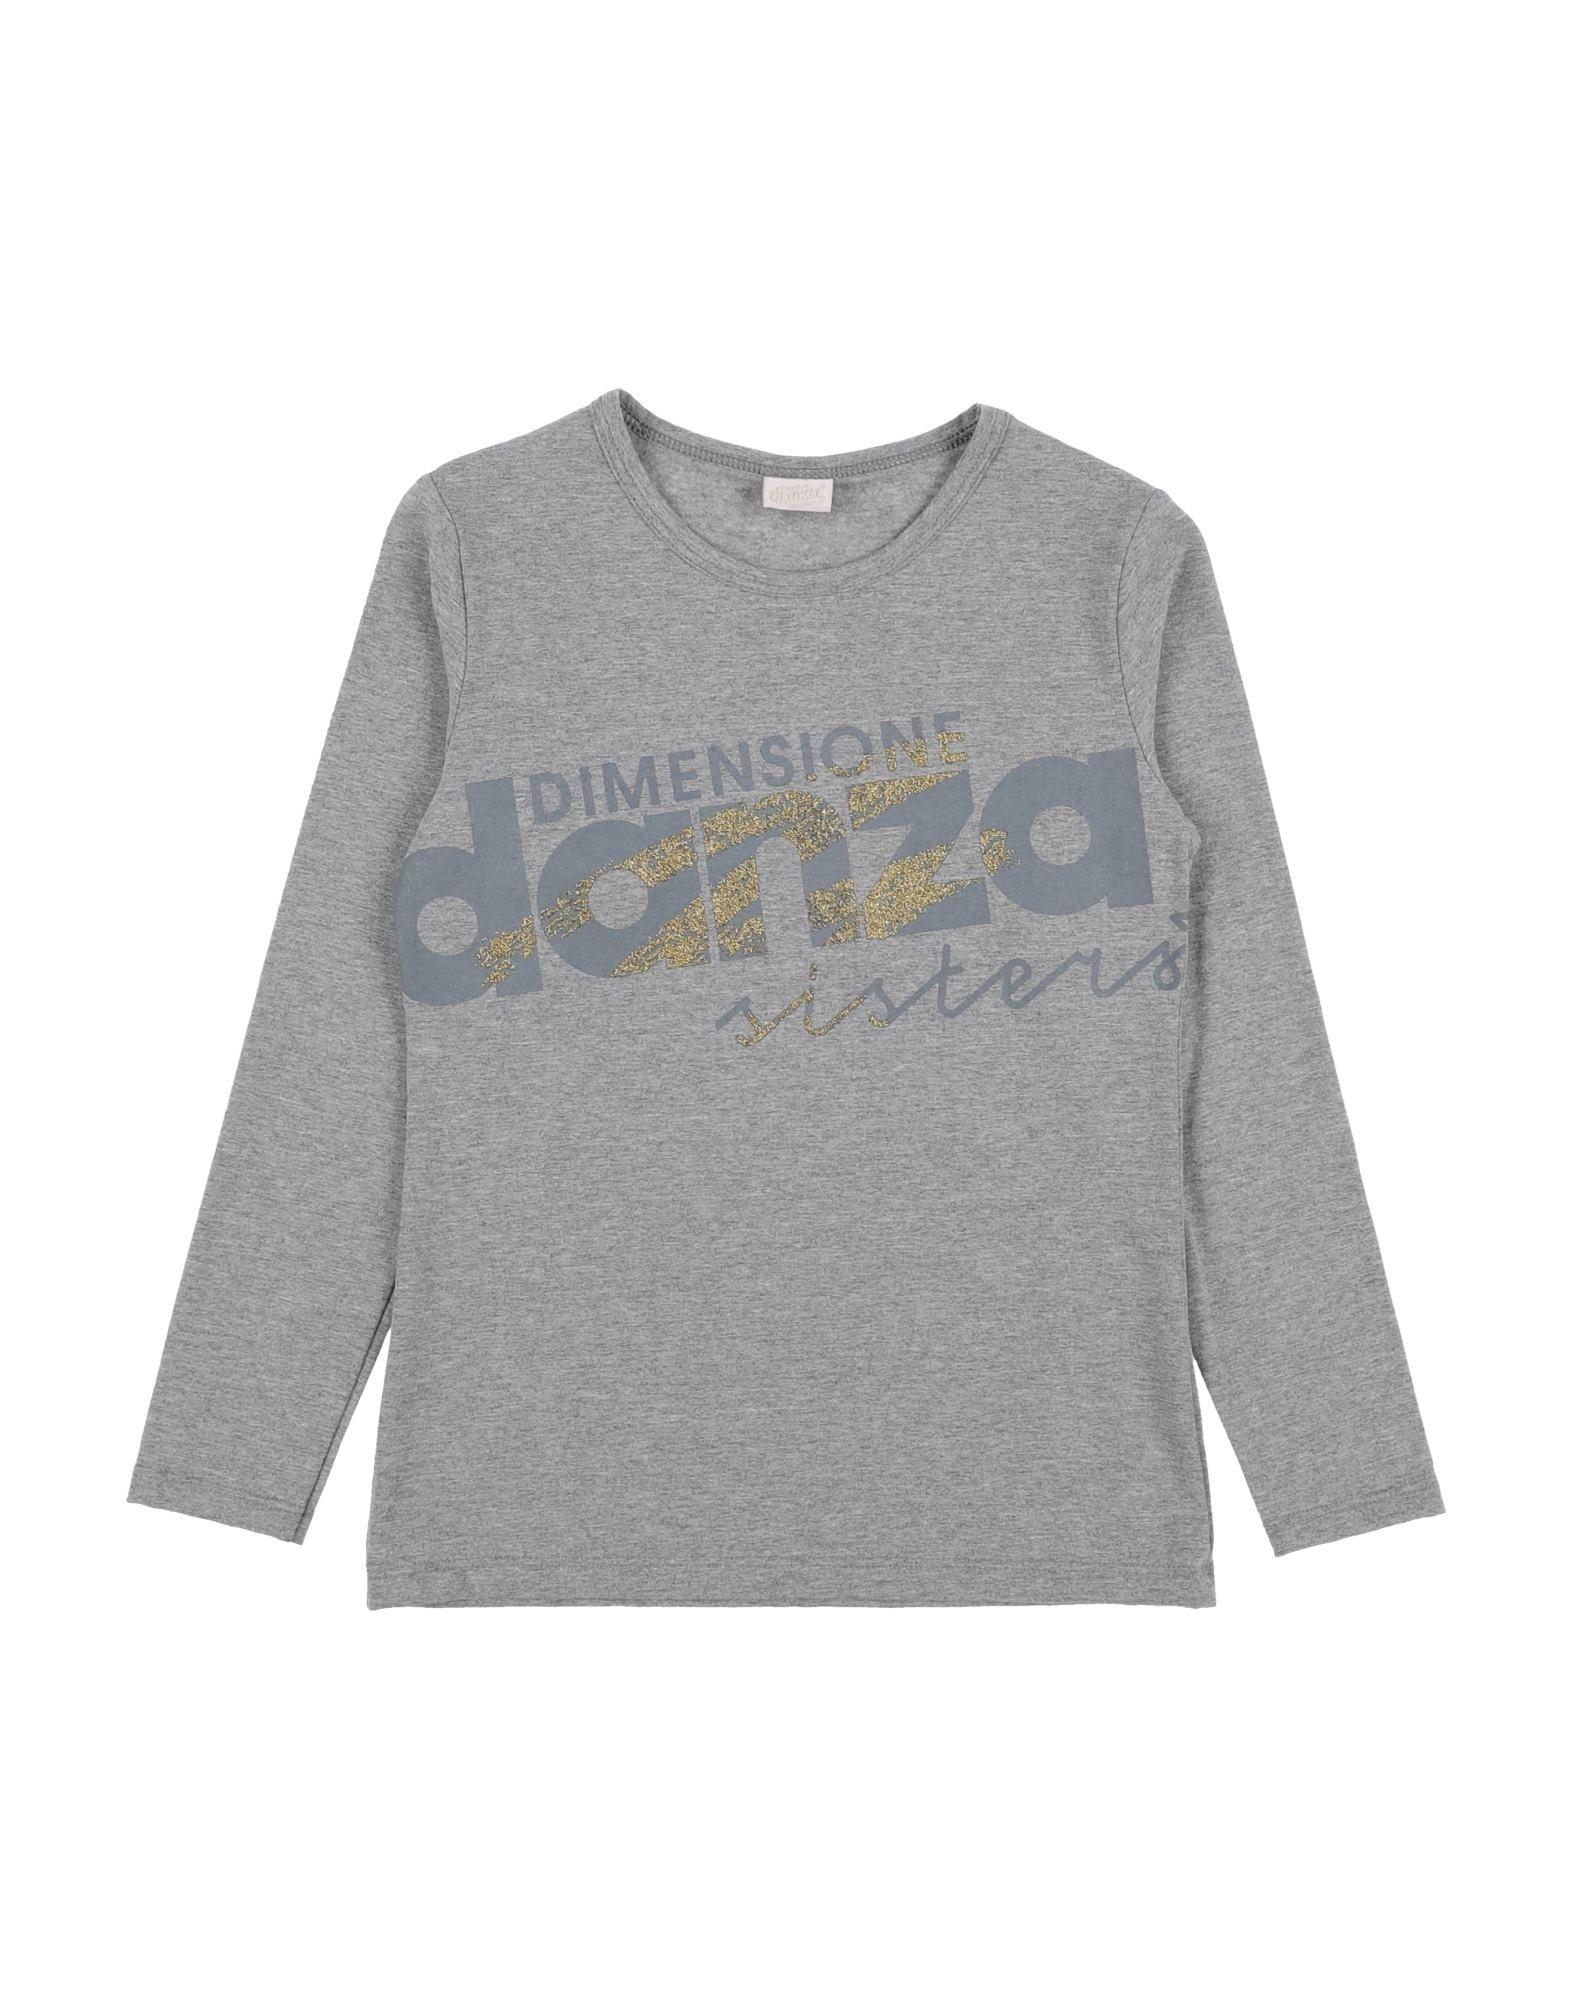 dimensione danza футболка DIMENSIONE DANZA SISTERS Футболка